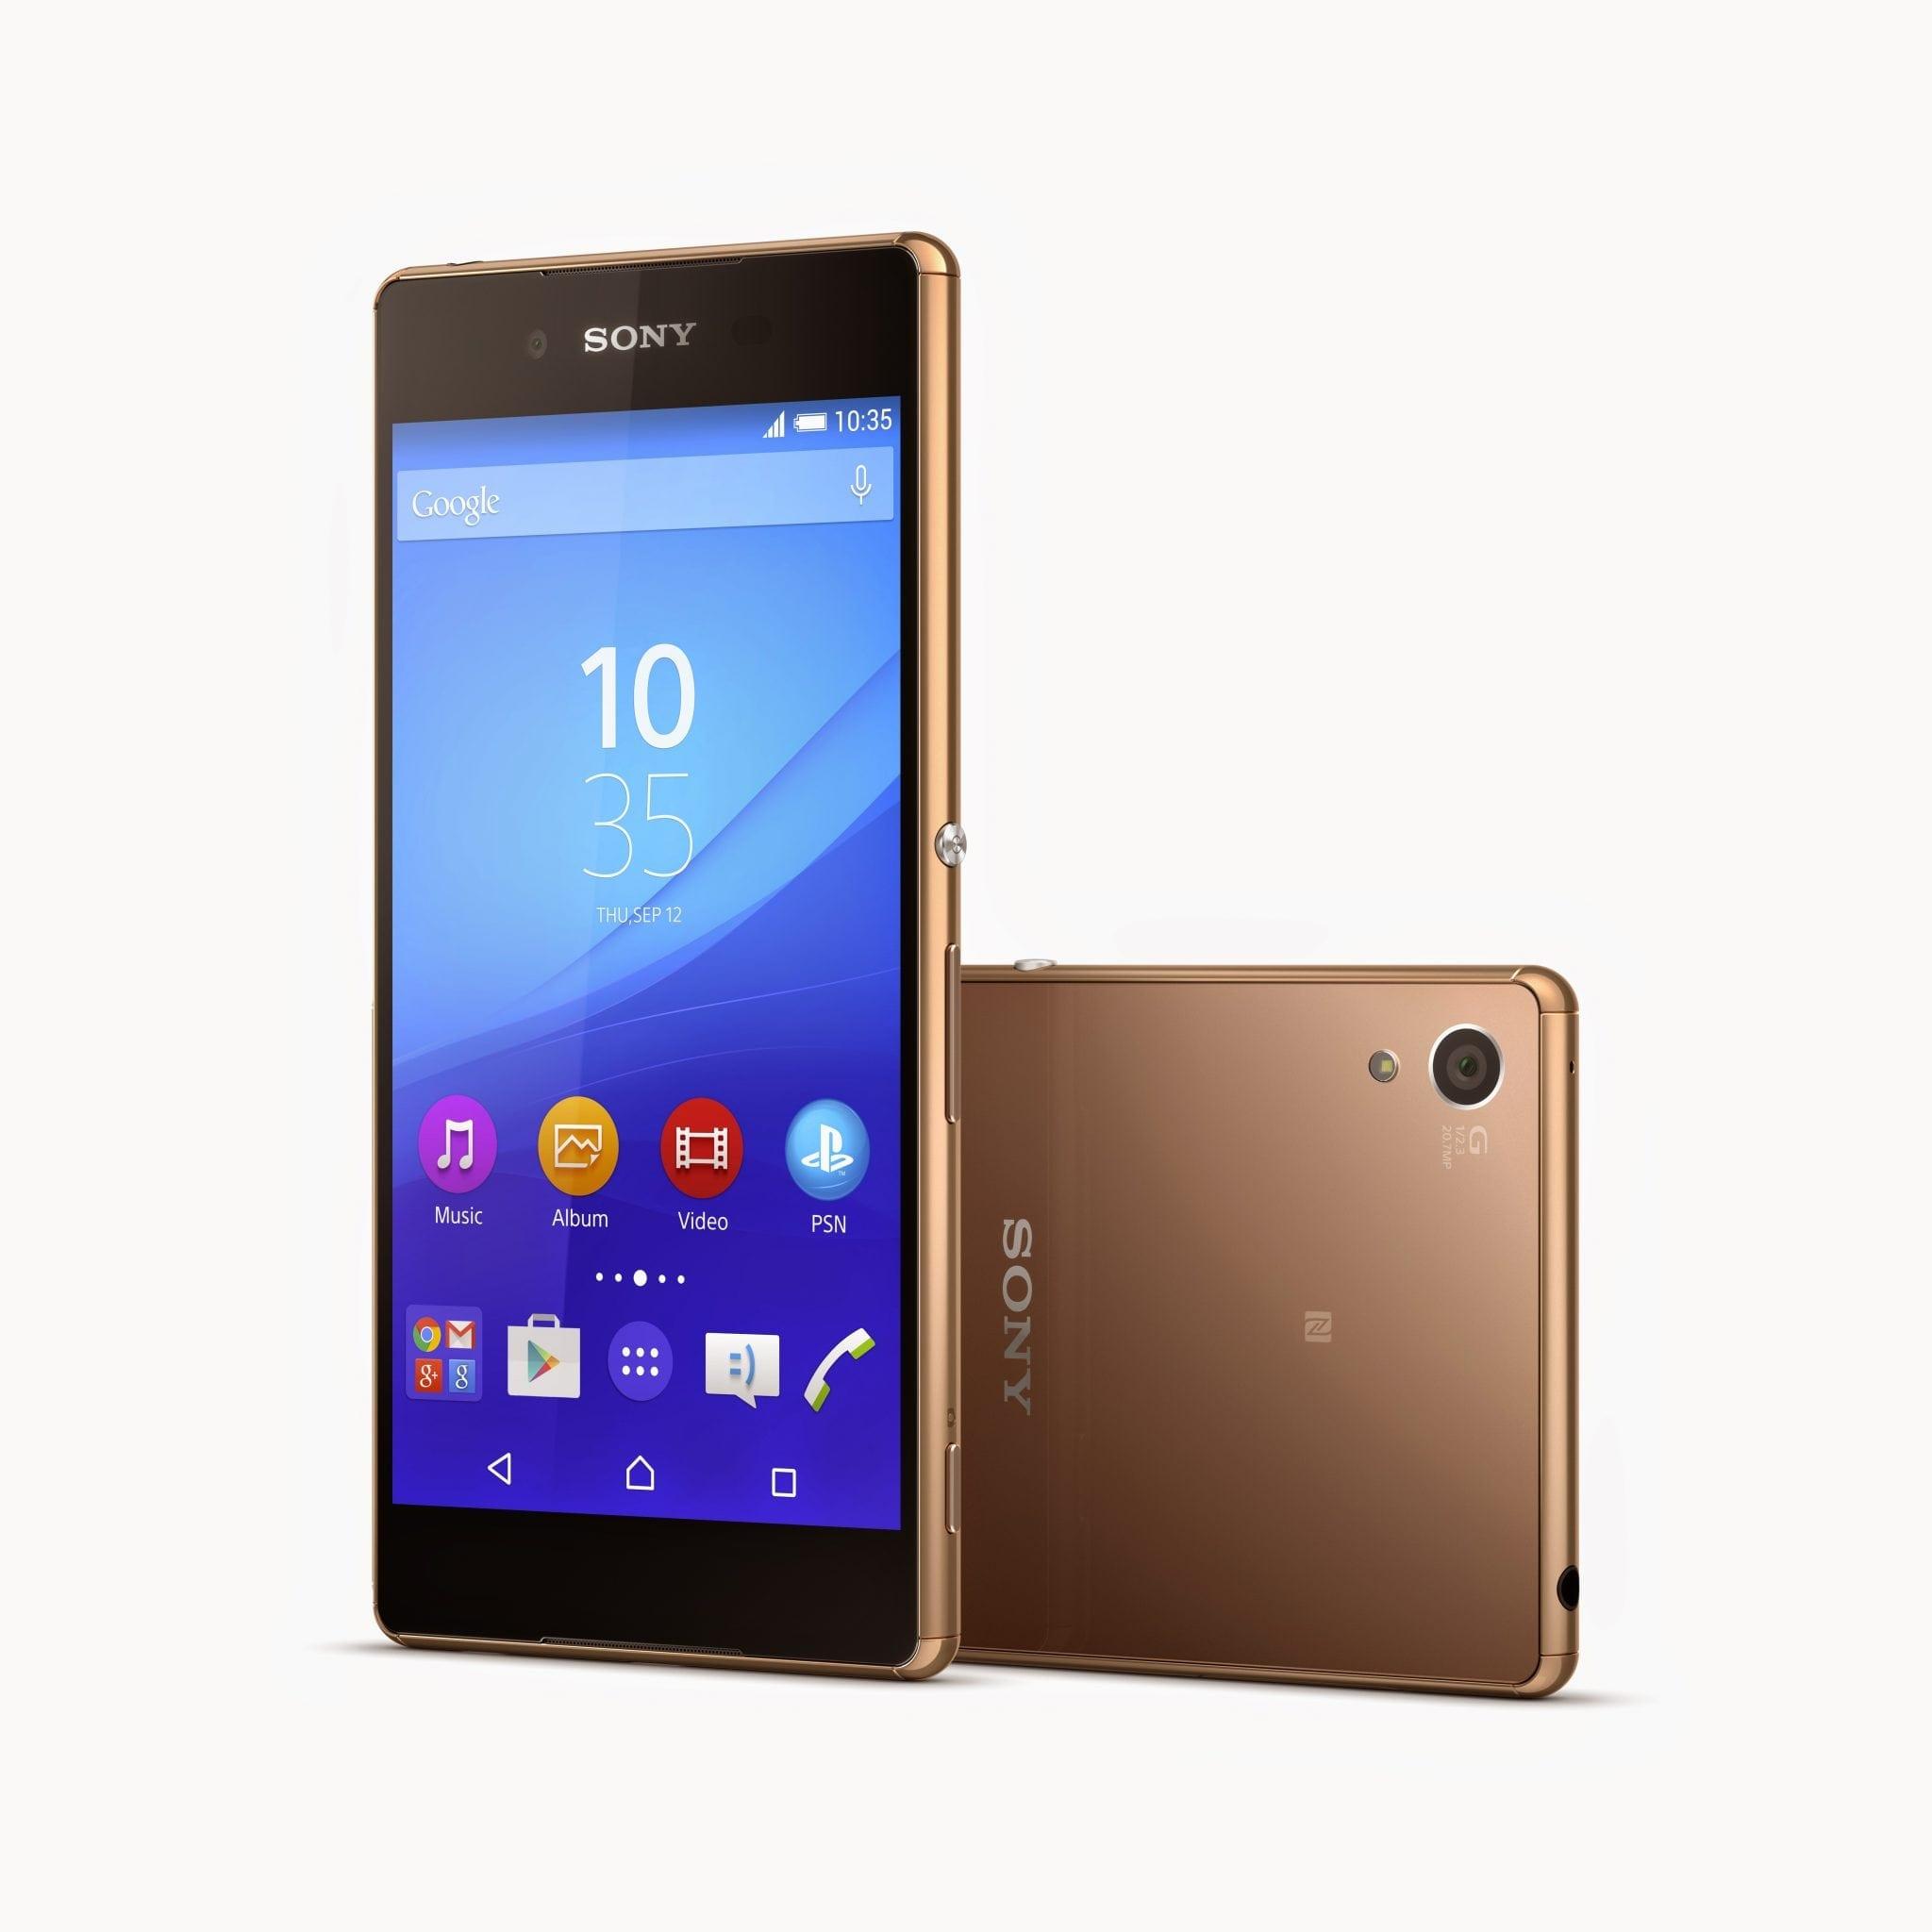 Totul despre Xperia Z3+, cel mai nou smartphone semnat Sony